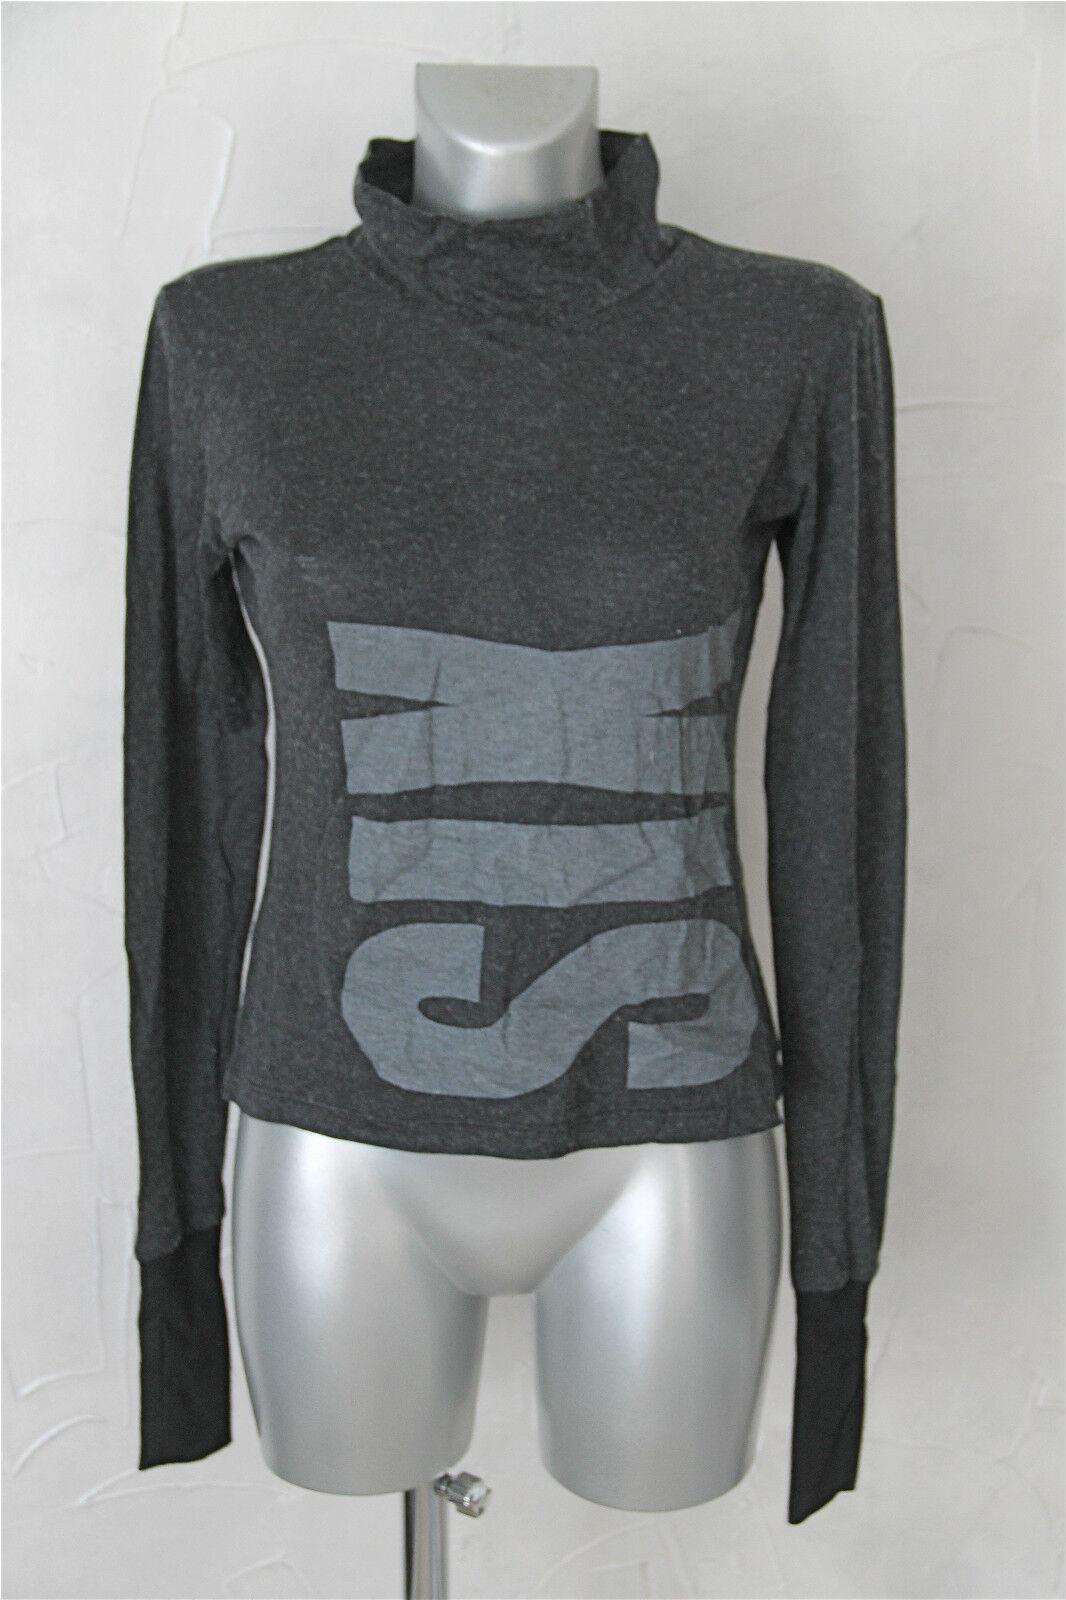 Suéter superior algodón viscosa 2026 modelo shai o 38-40